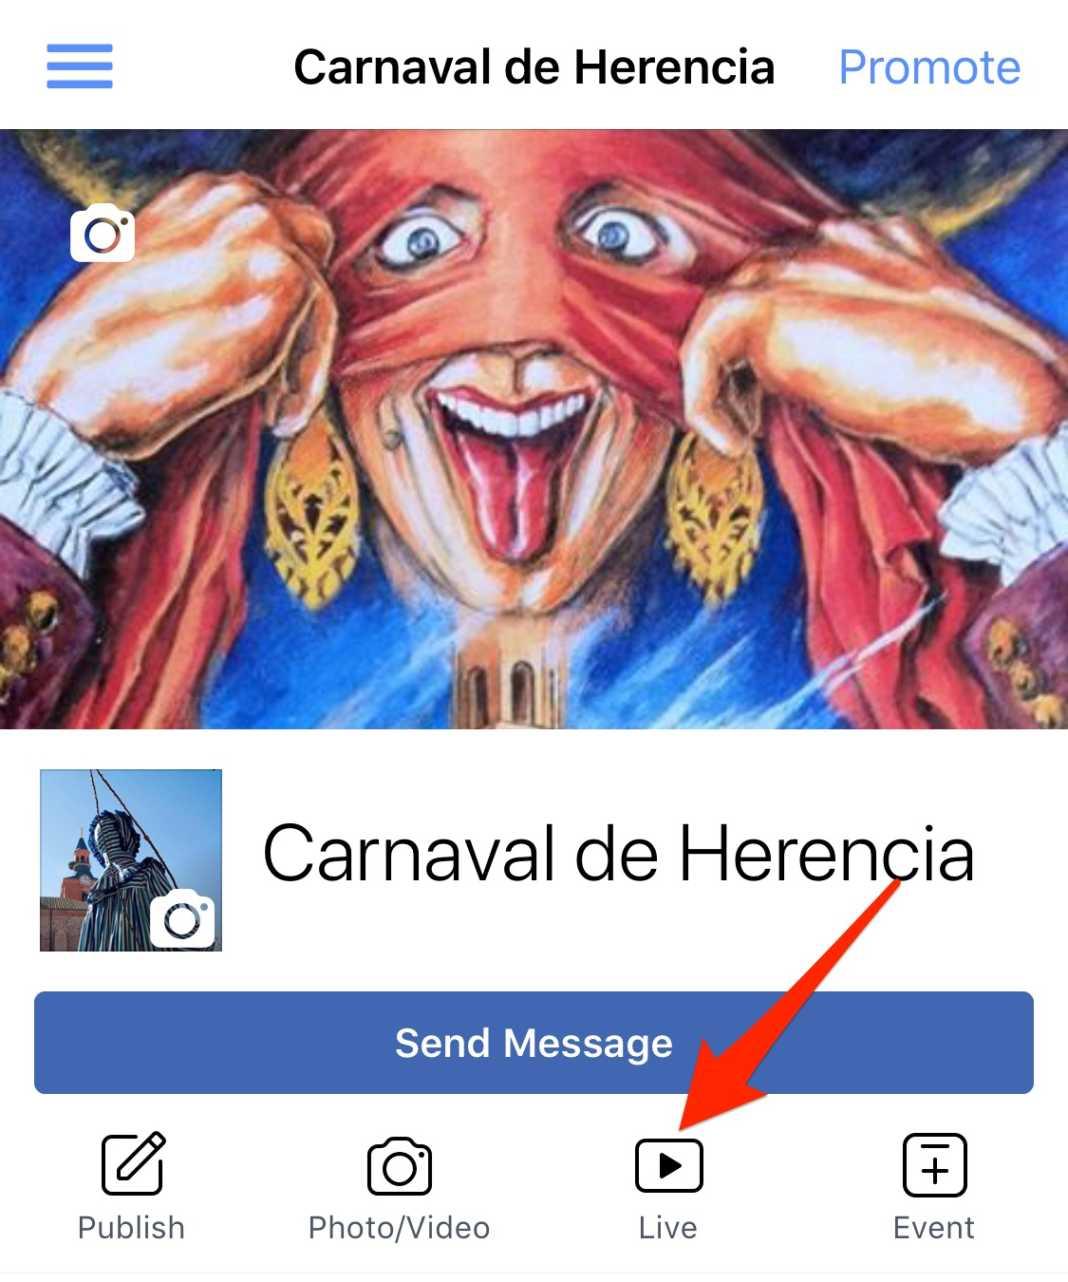 facebook live carnaval de herencia 1068x1282 - Inauguración del Carnaval de Herencia 2018 en directo